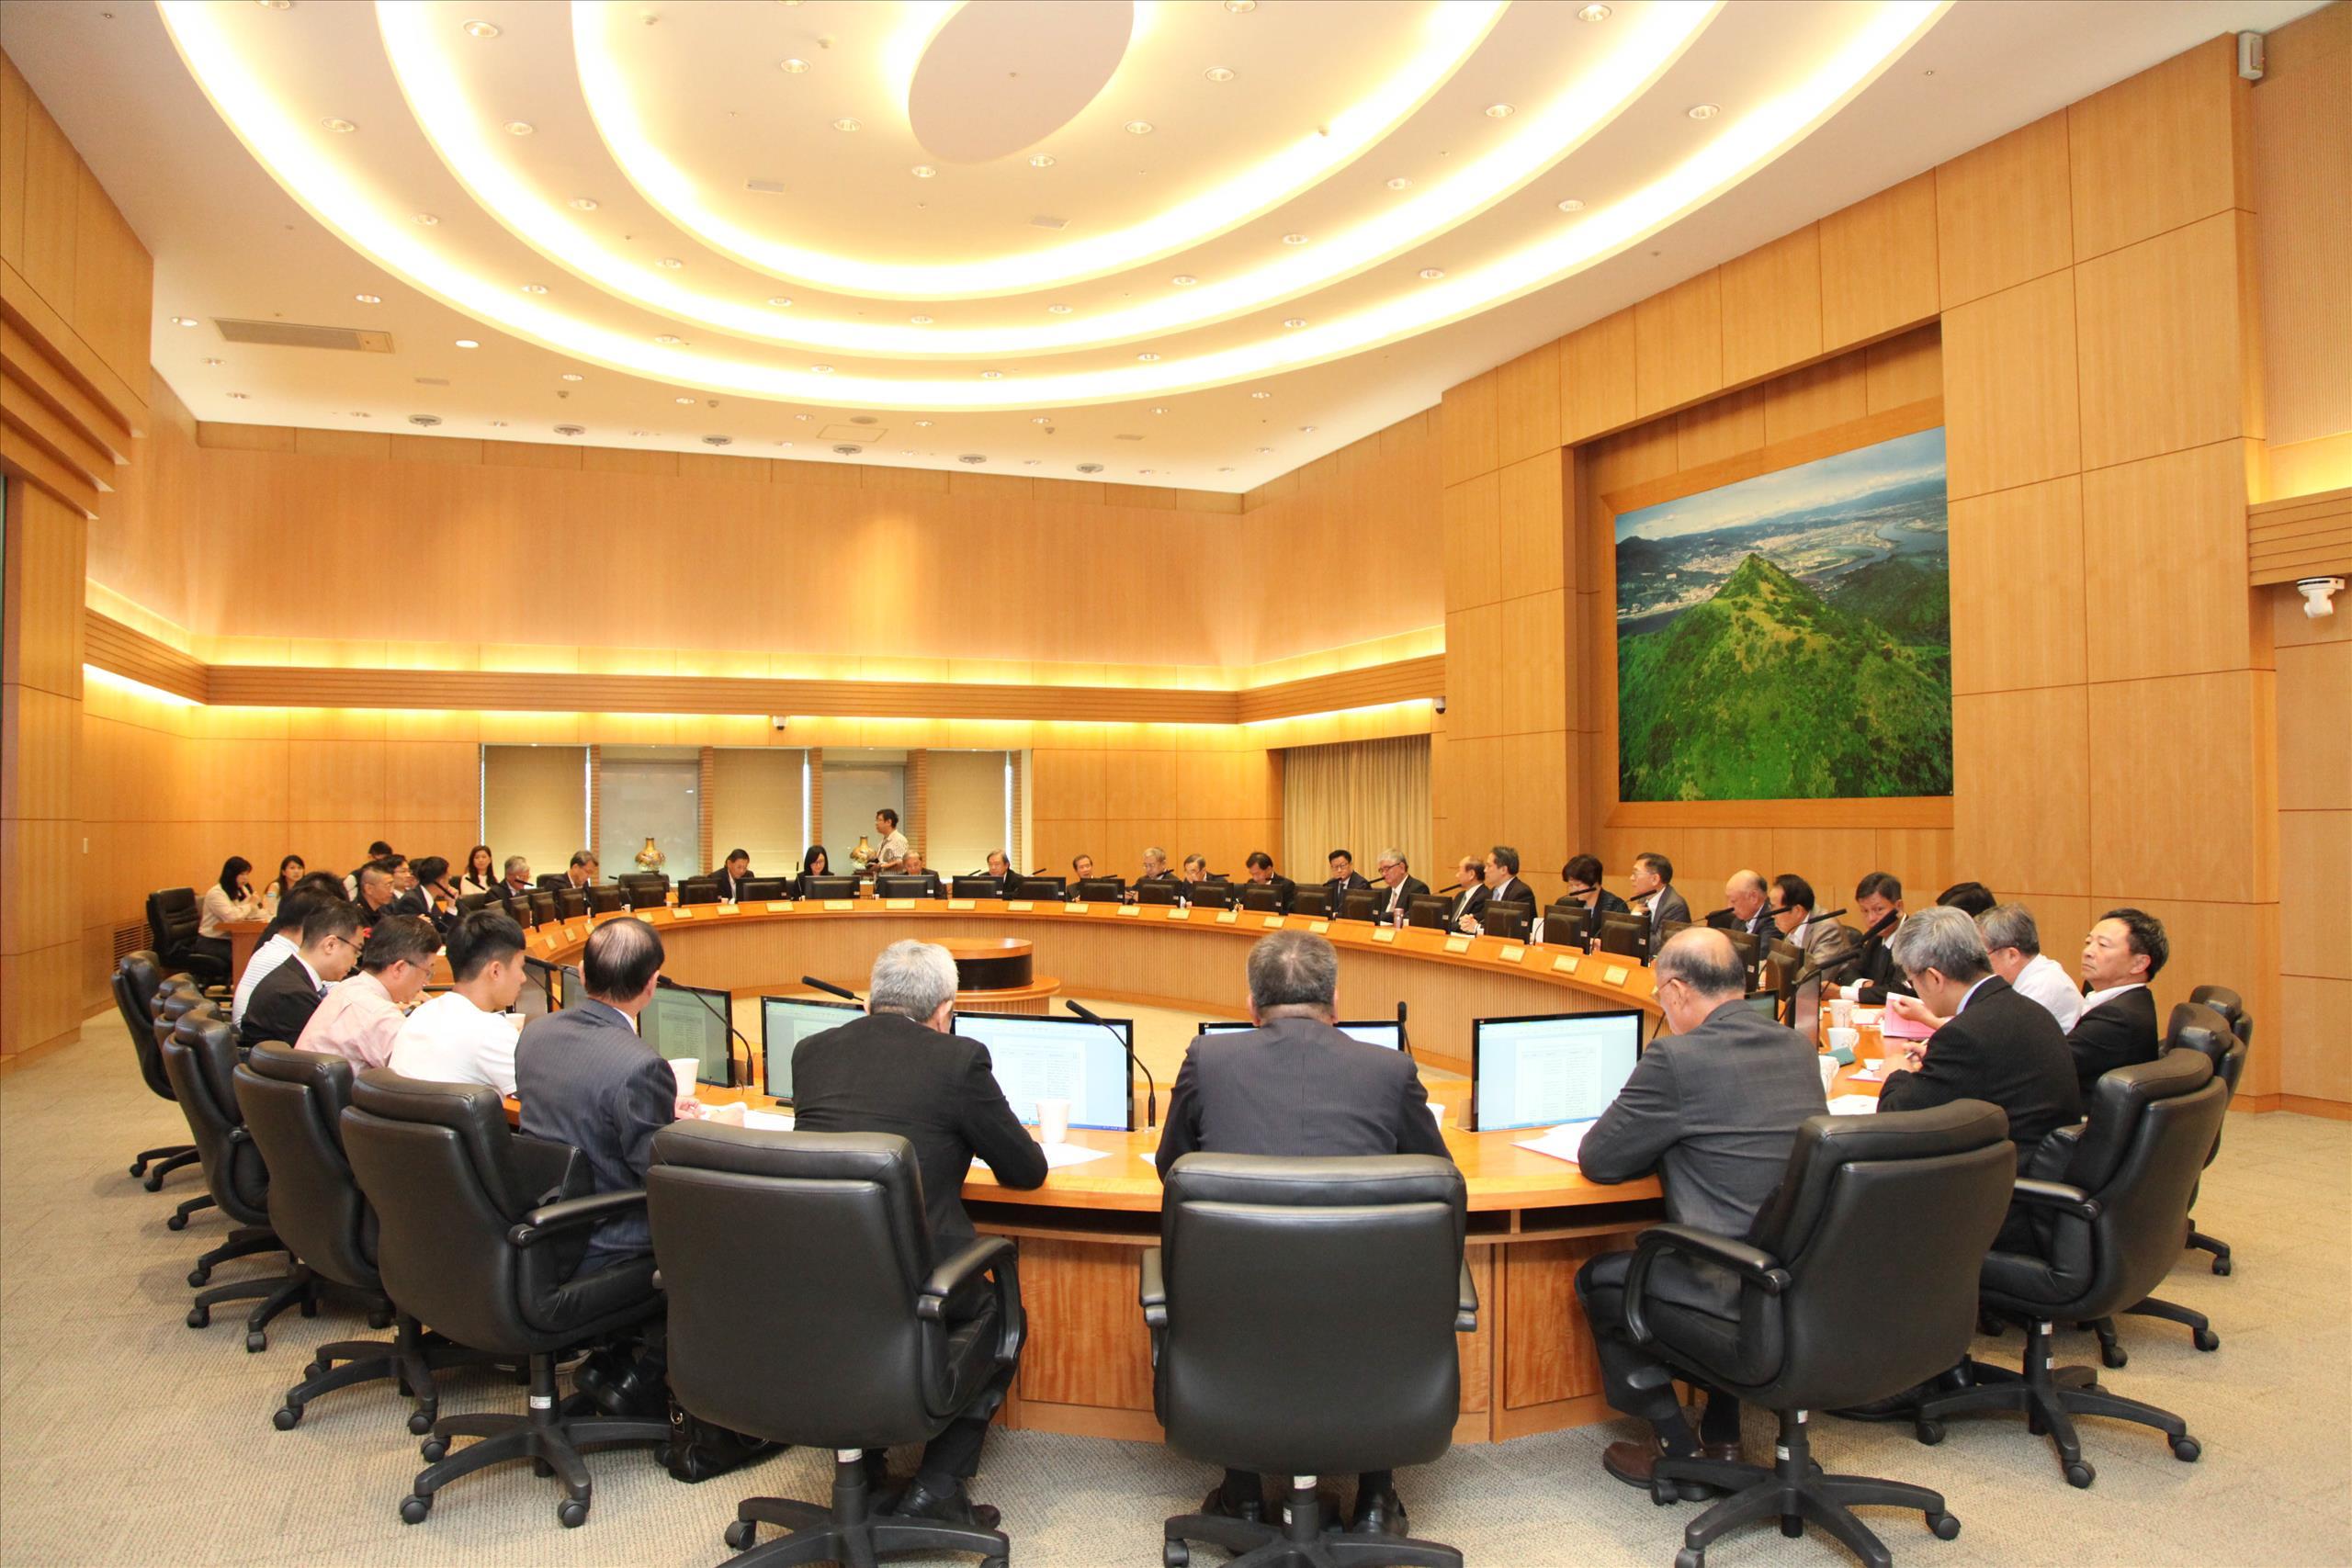 市府召開「產業發展諮詢委員會」第2次會議 進行本年度產業推動成果與未來規劃報告